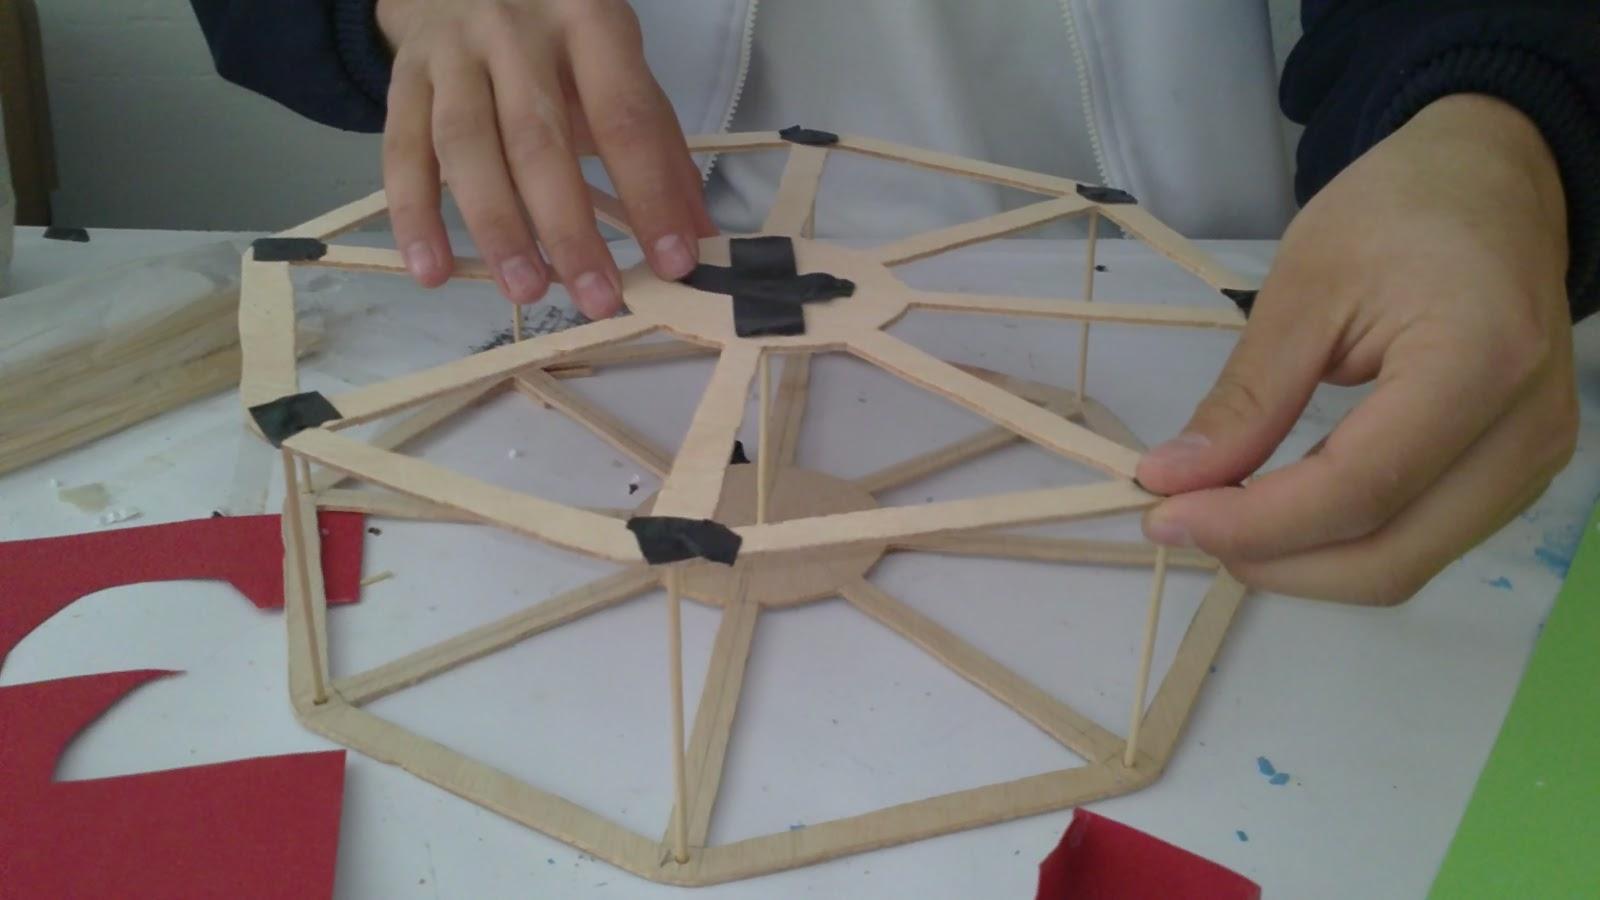 Proyecto de tecnolog a noria - Proyectos de madera ...